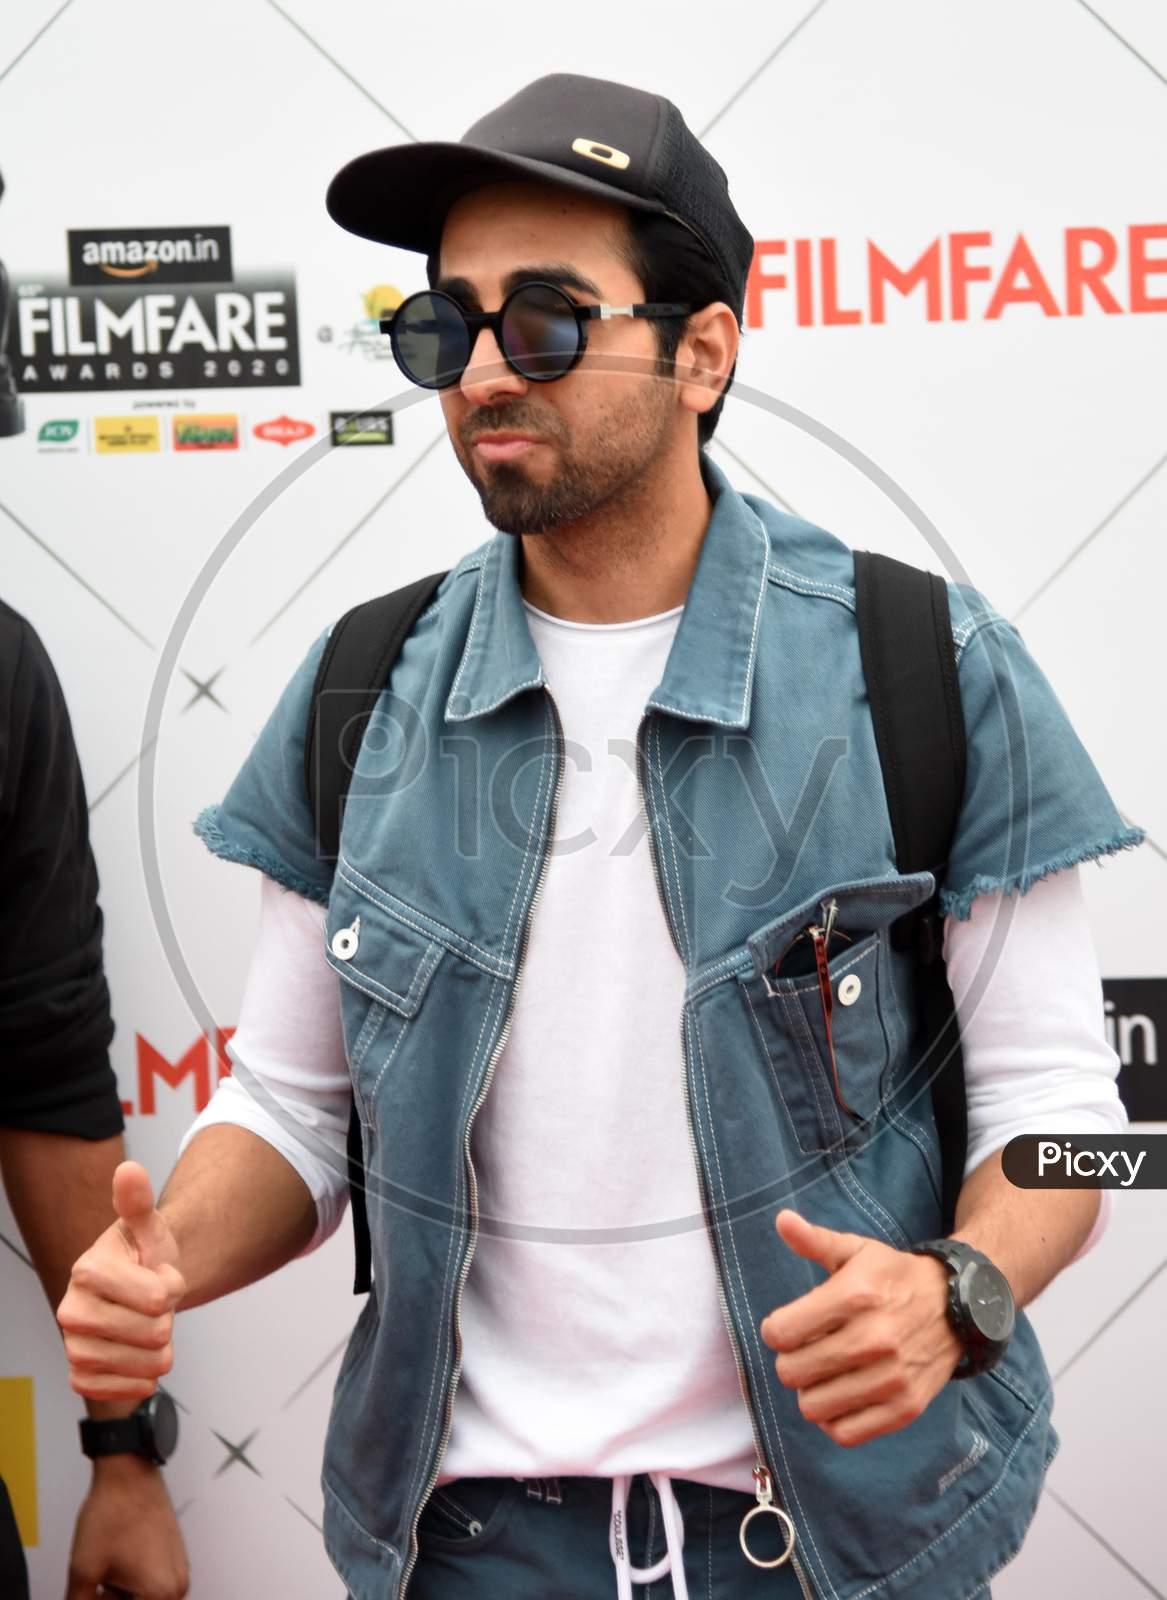 65th Filmfare Awards 2020 in Guwahati